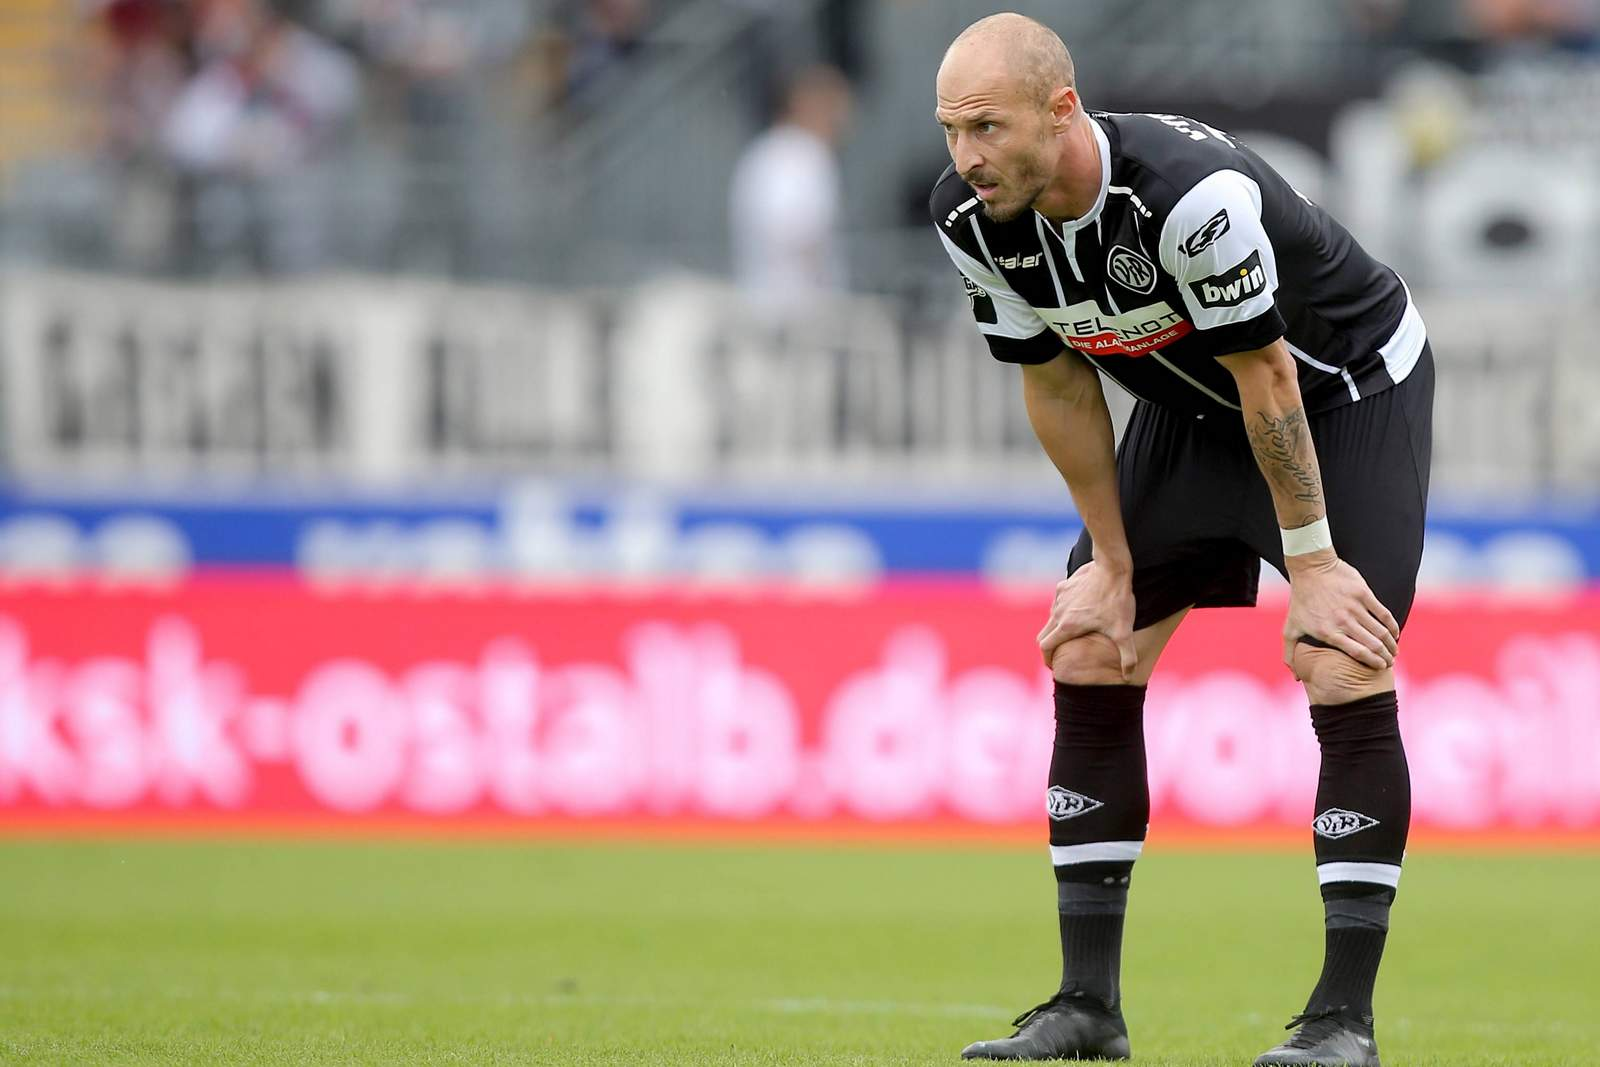 Matthias Morys nach dem Spiel Aalen gegen Fortuna Köln